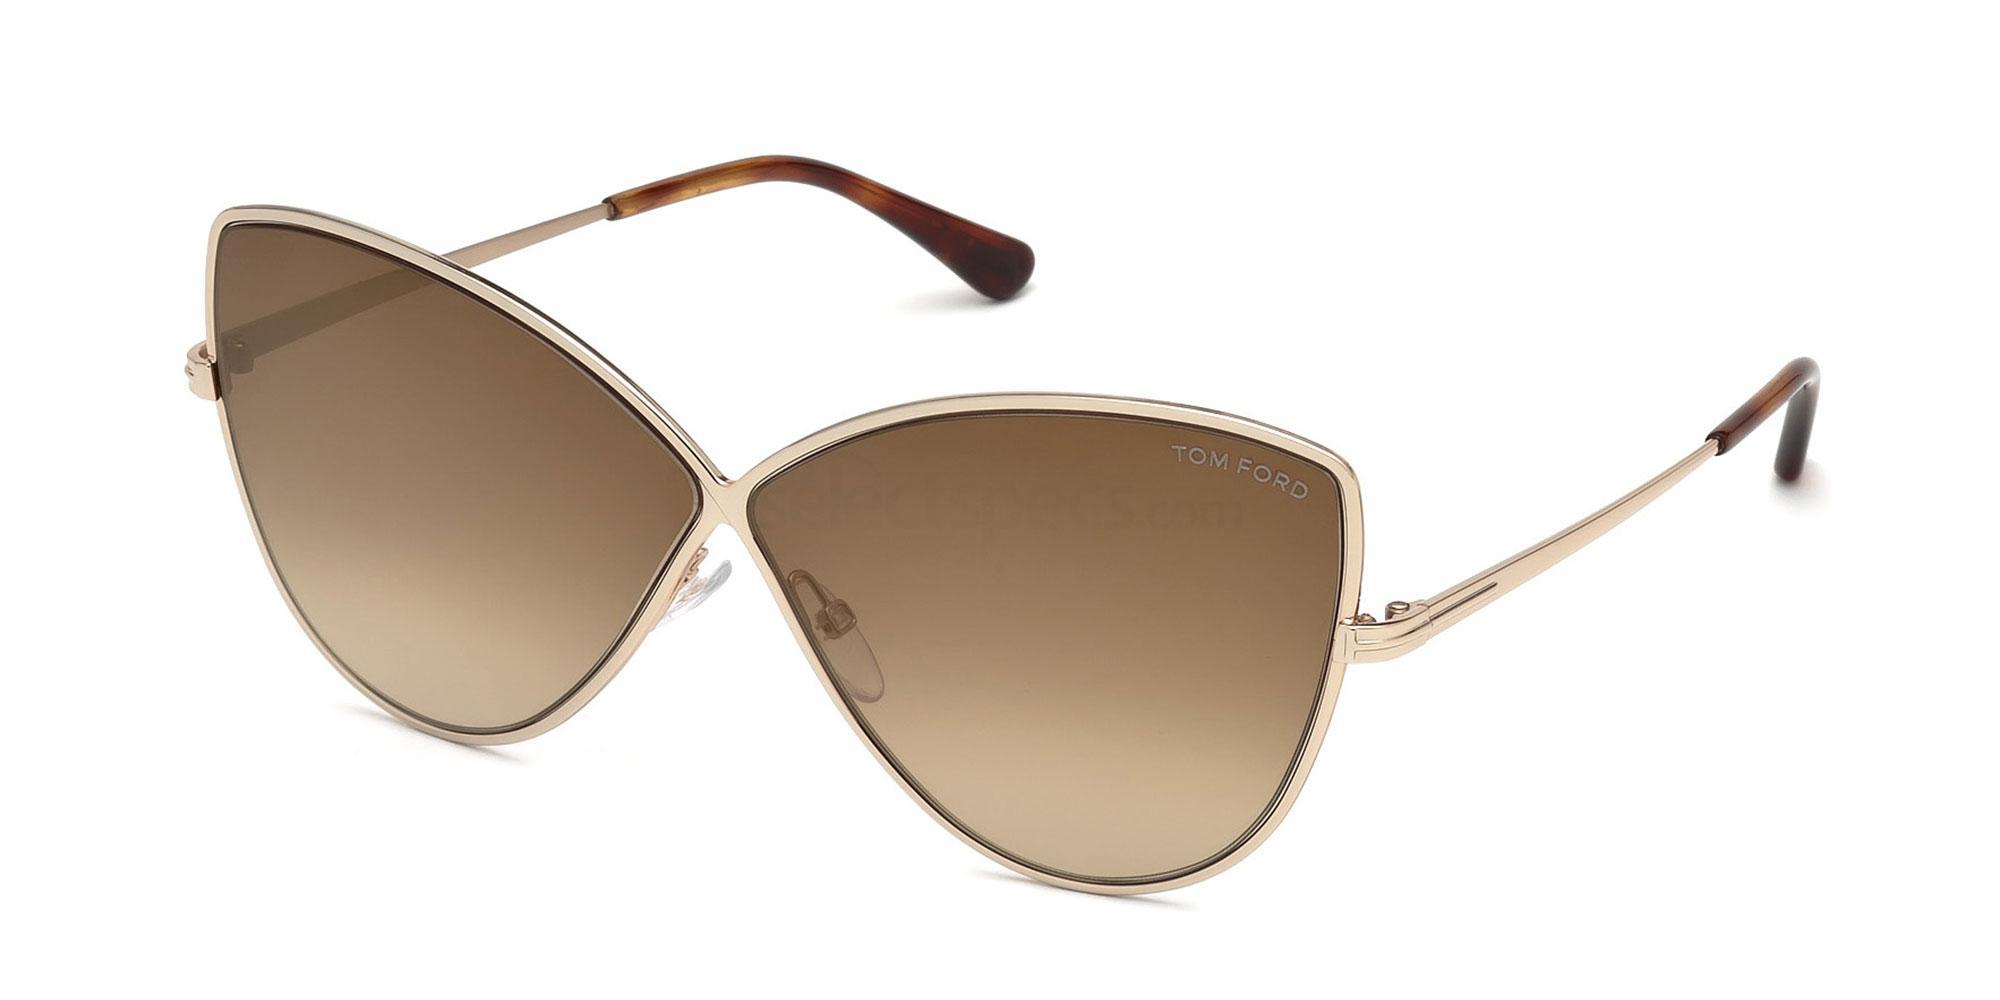 28G FT0569 Sunglasses, Tom Ford